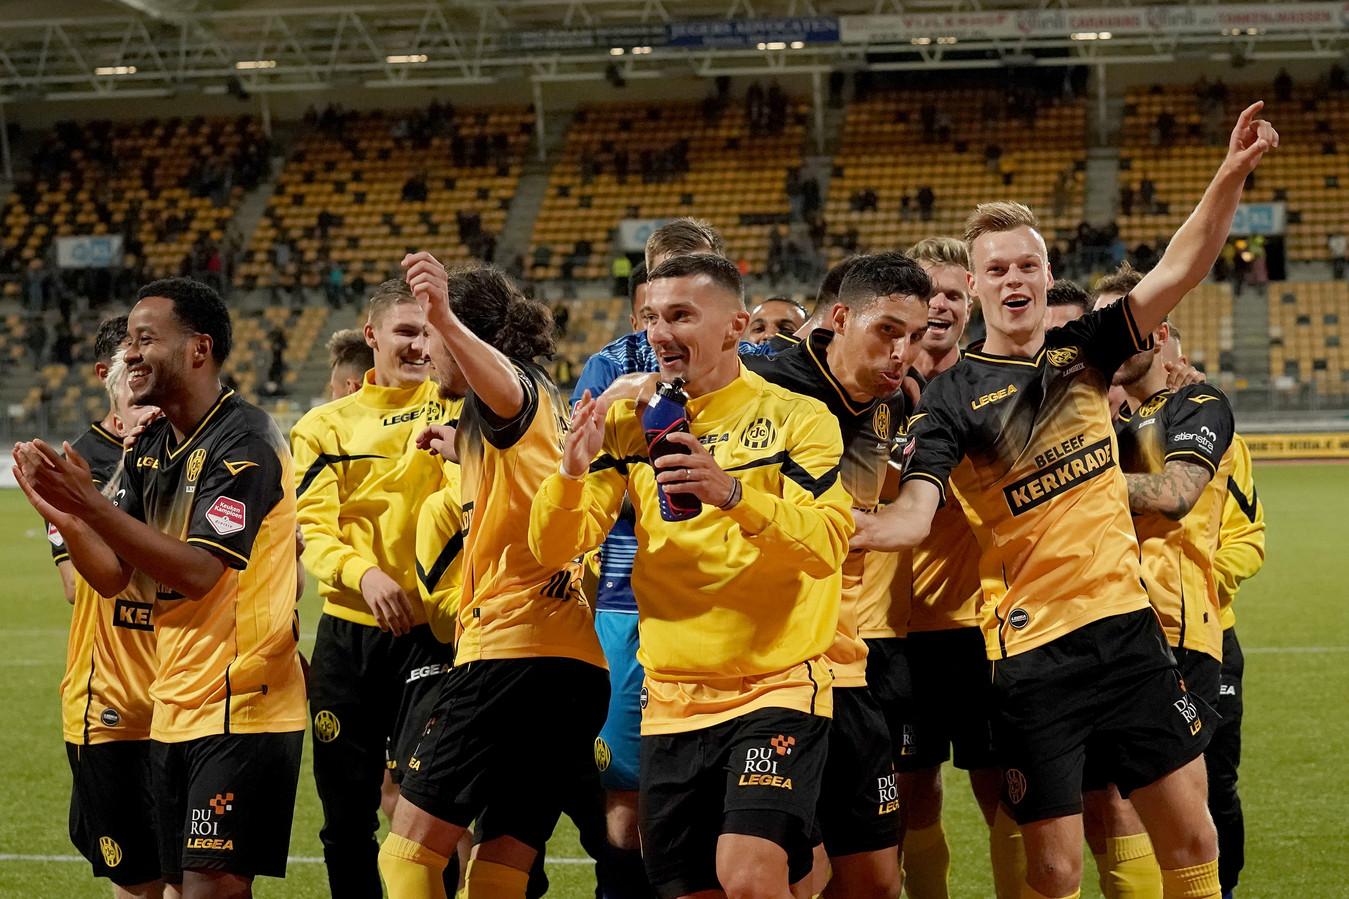 Spelers van Roda vieren een overwinning op Top Oss.